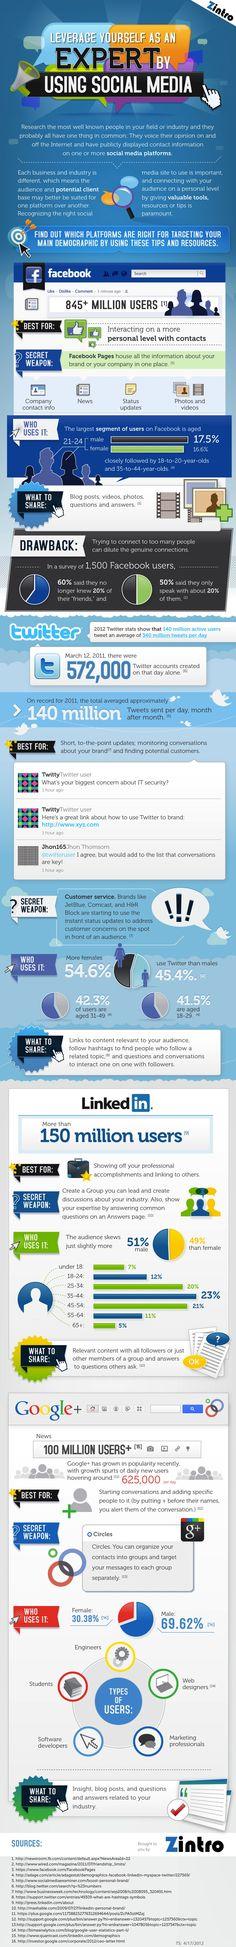 Como escoger la Redes Sociales adecuada para su negocio? Excelente infográfico que resume las cualidades, mercado objetivo y el uso que se le puede dar a las principales redes sociales: Facebook, Twitter, Linkedin y Google+